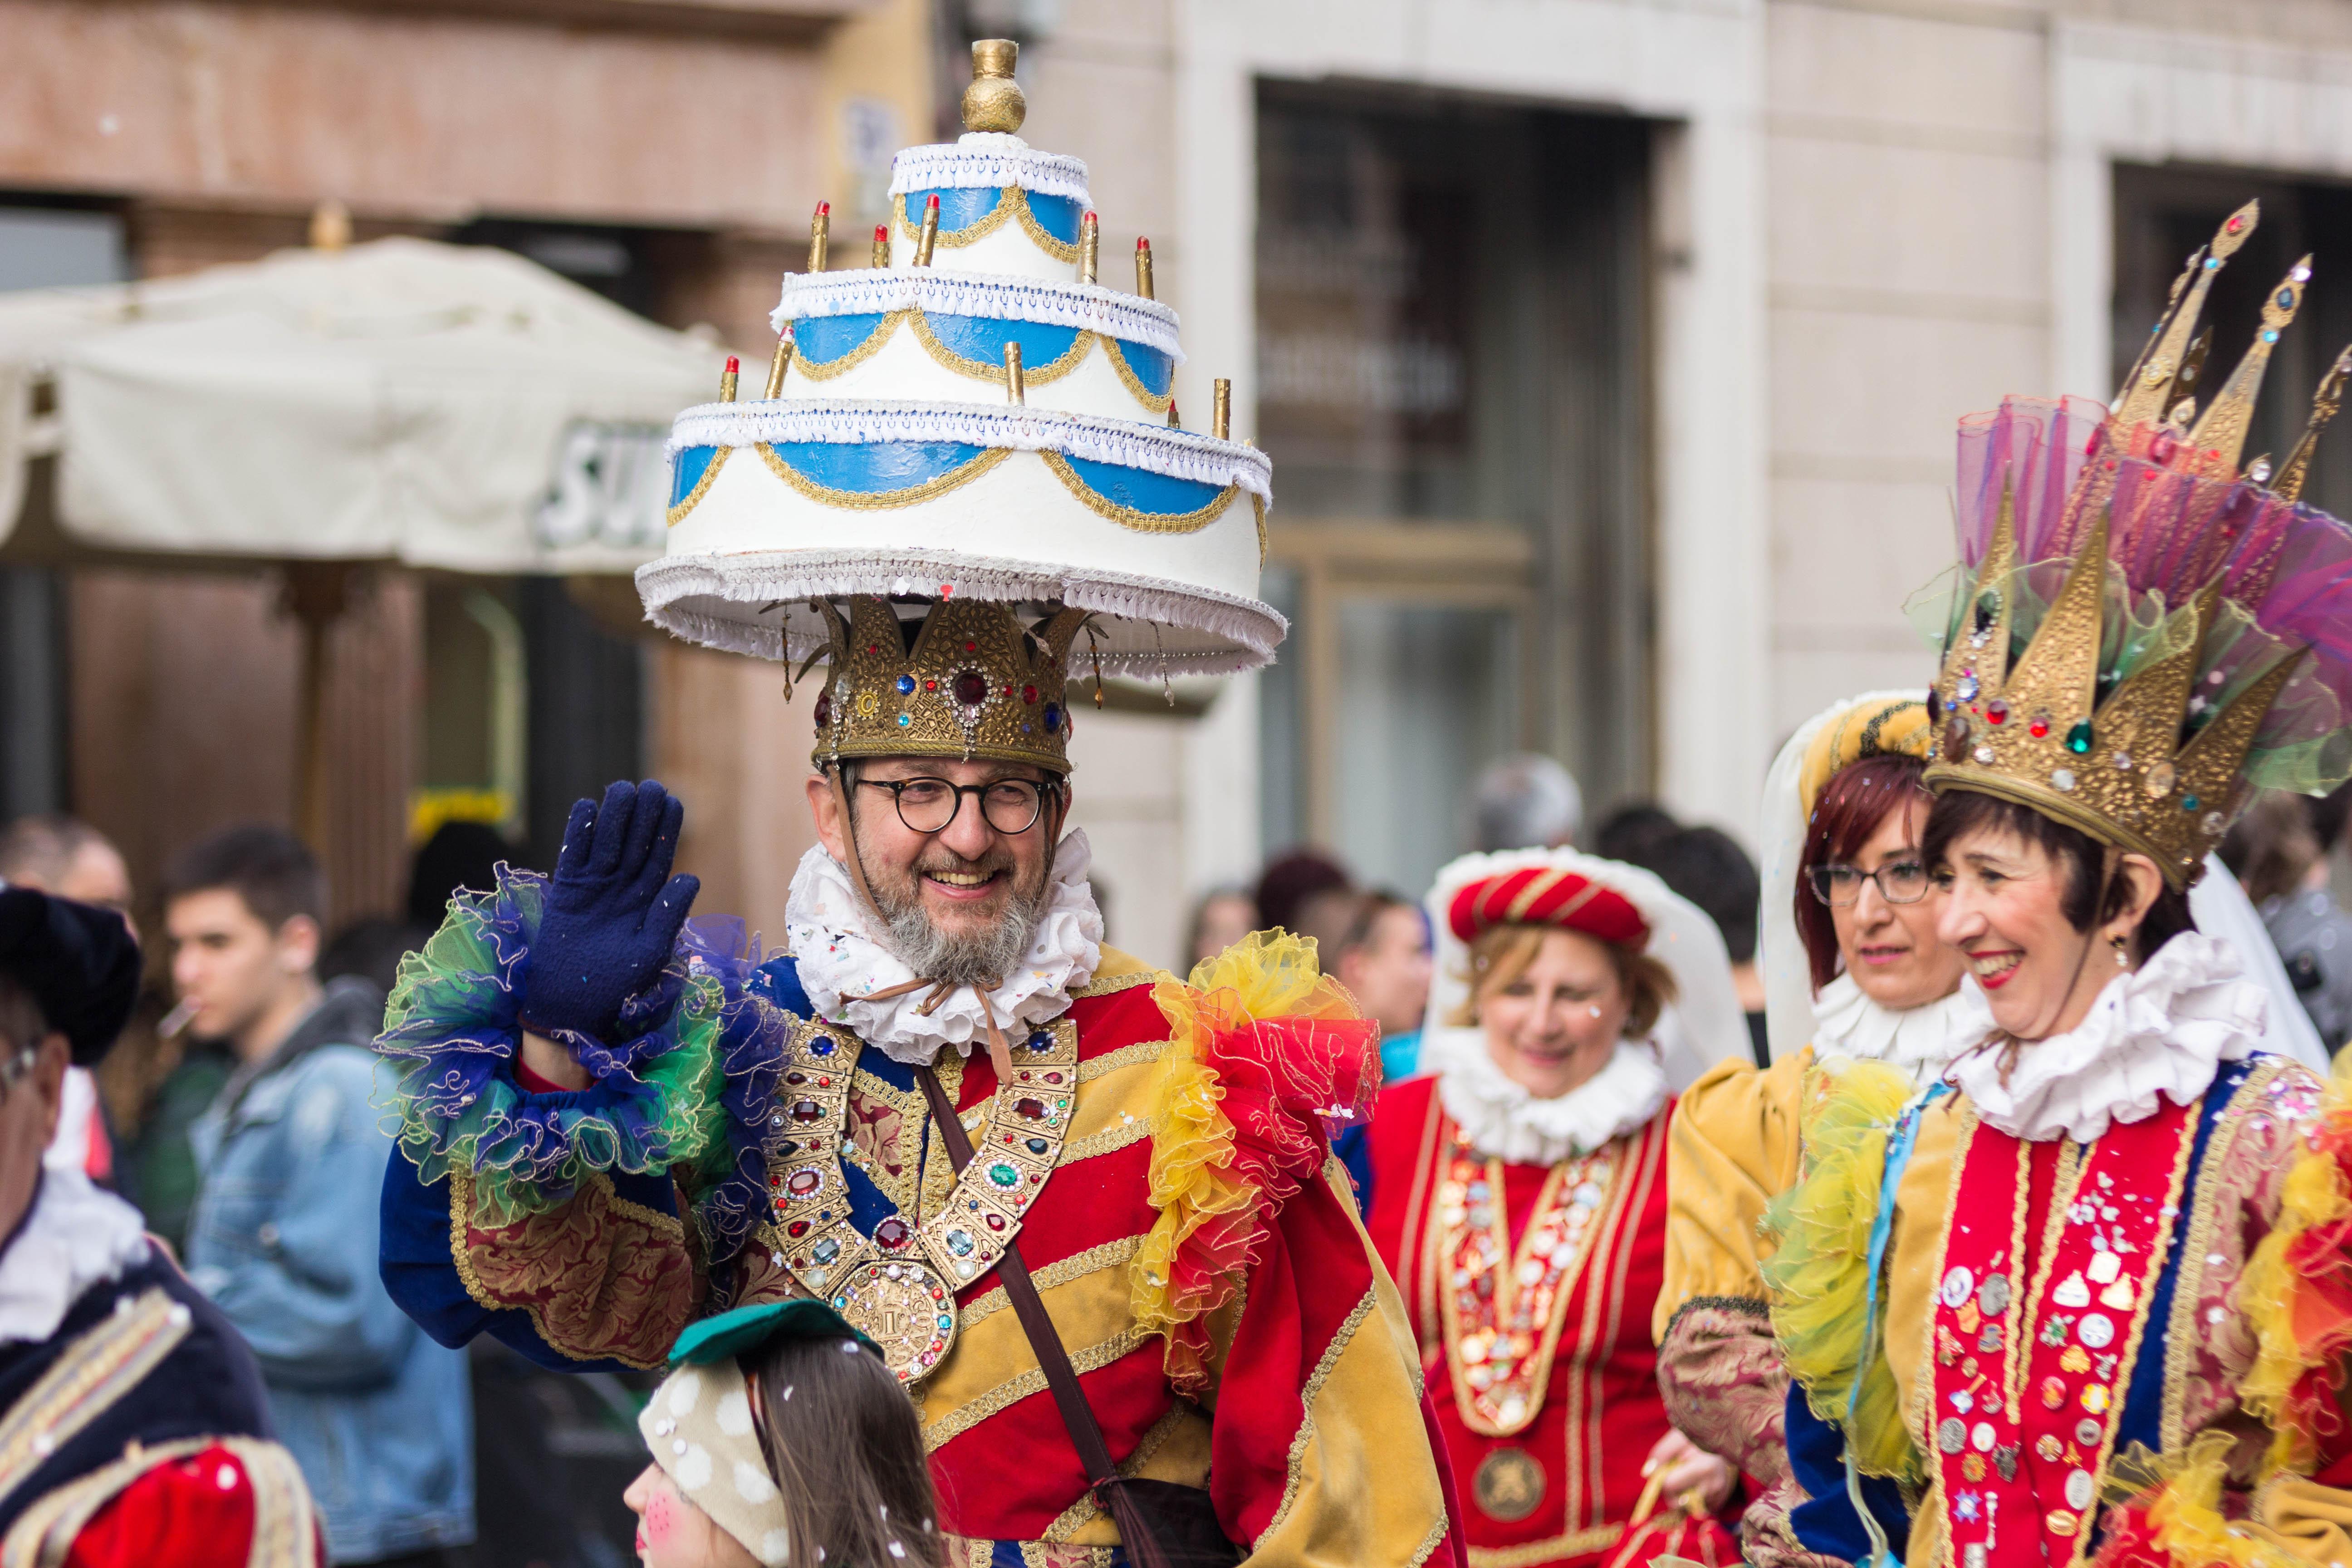 CarnevaleVerona2019-17